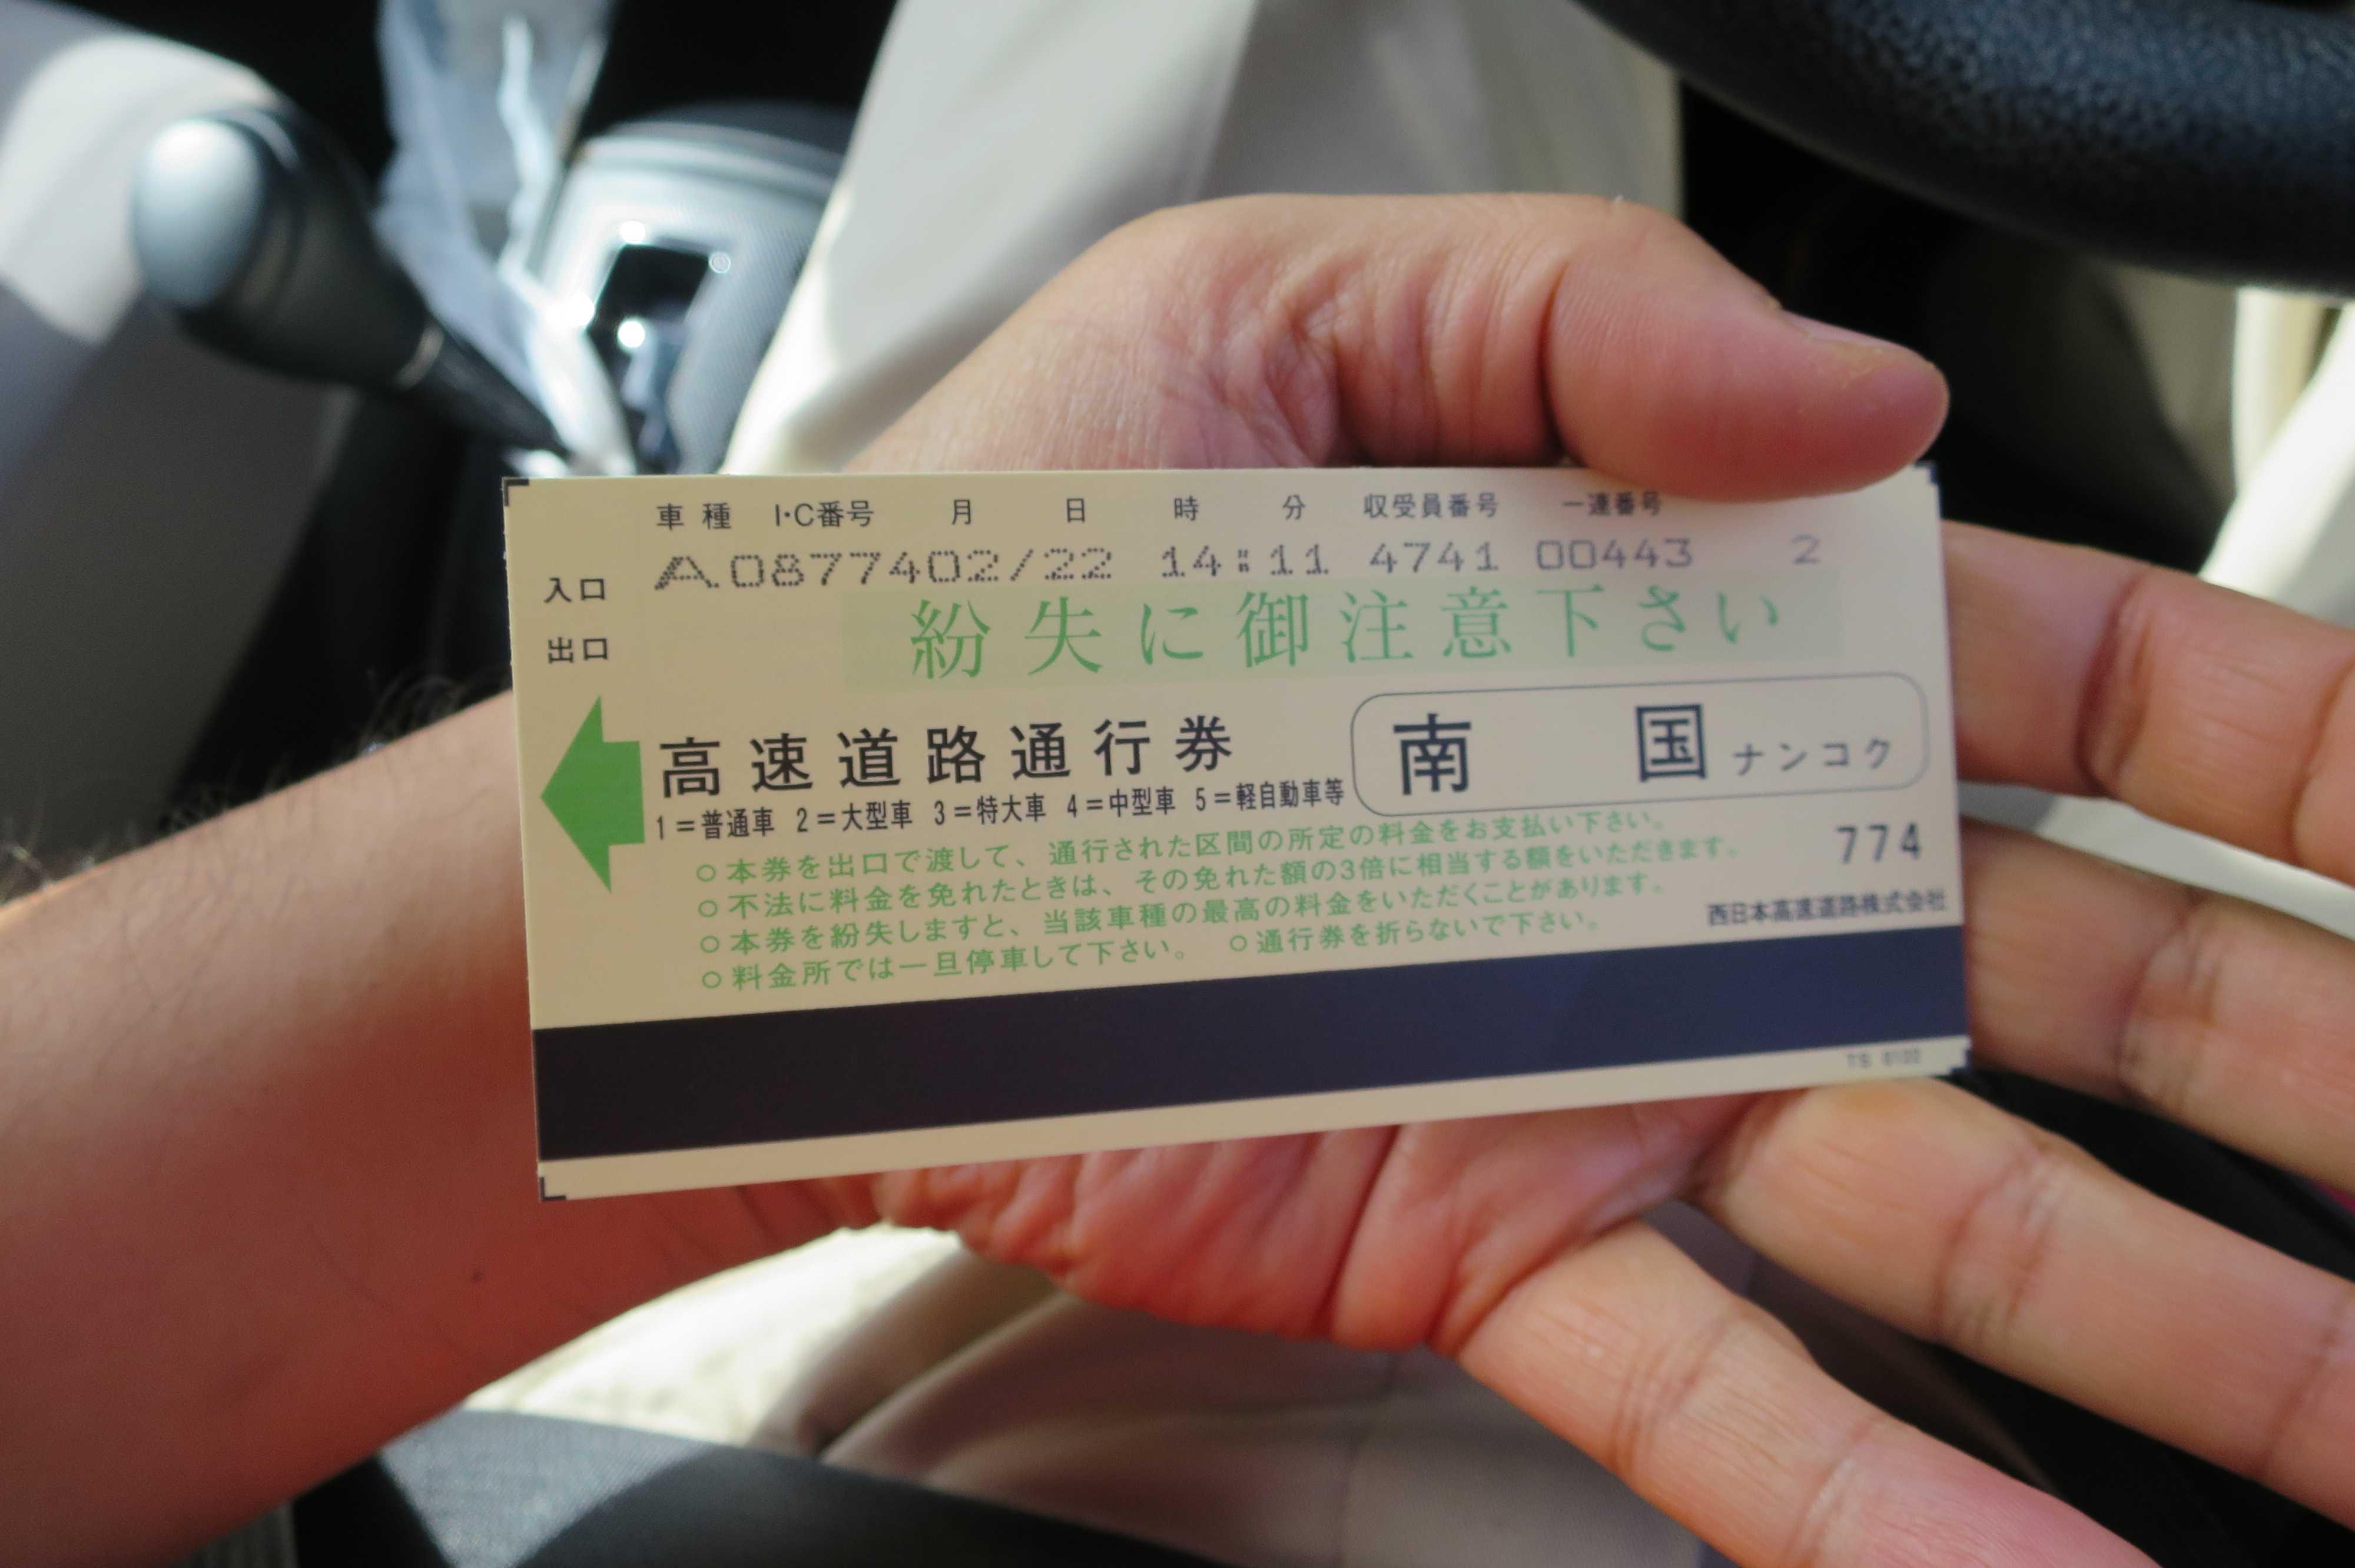 高速道路通行券 南国(なんこく)